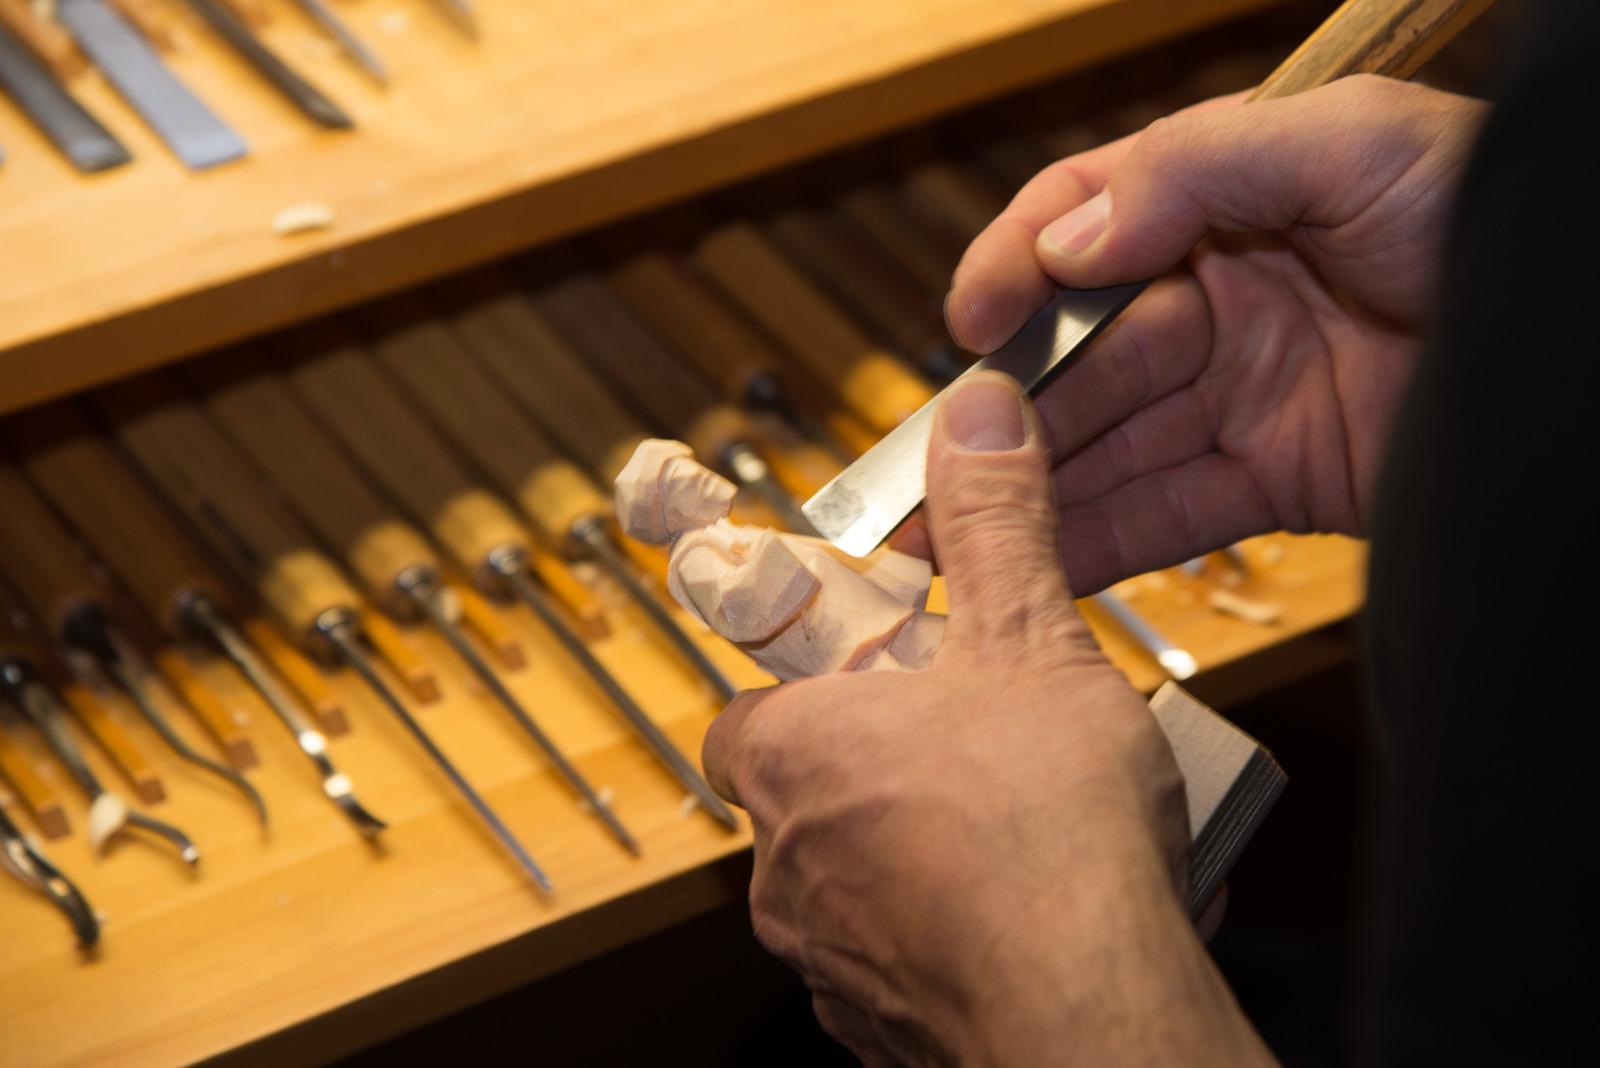 Peter Volgger schnitzt die Krippenfigur von Hand